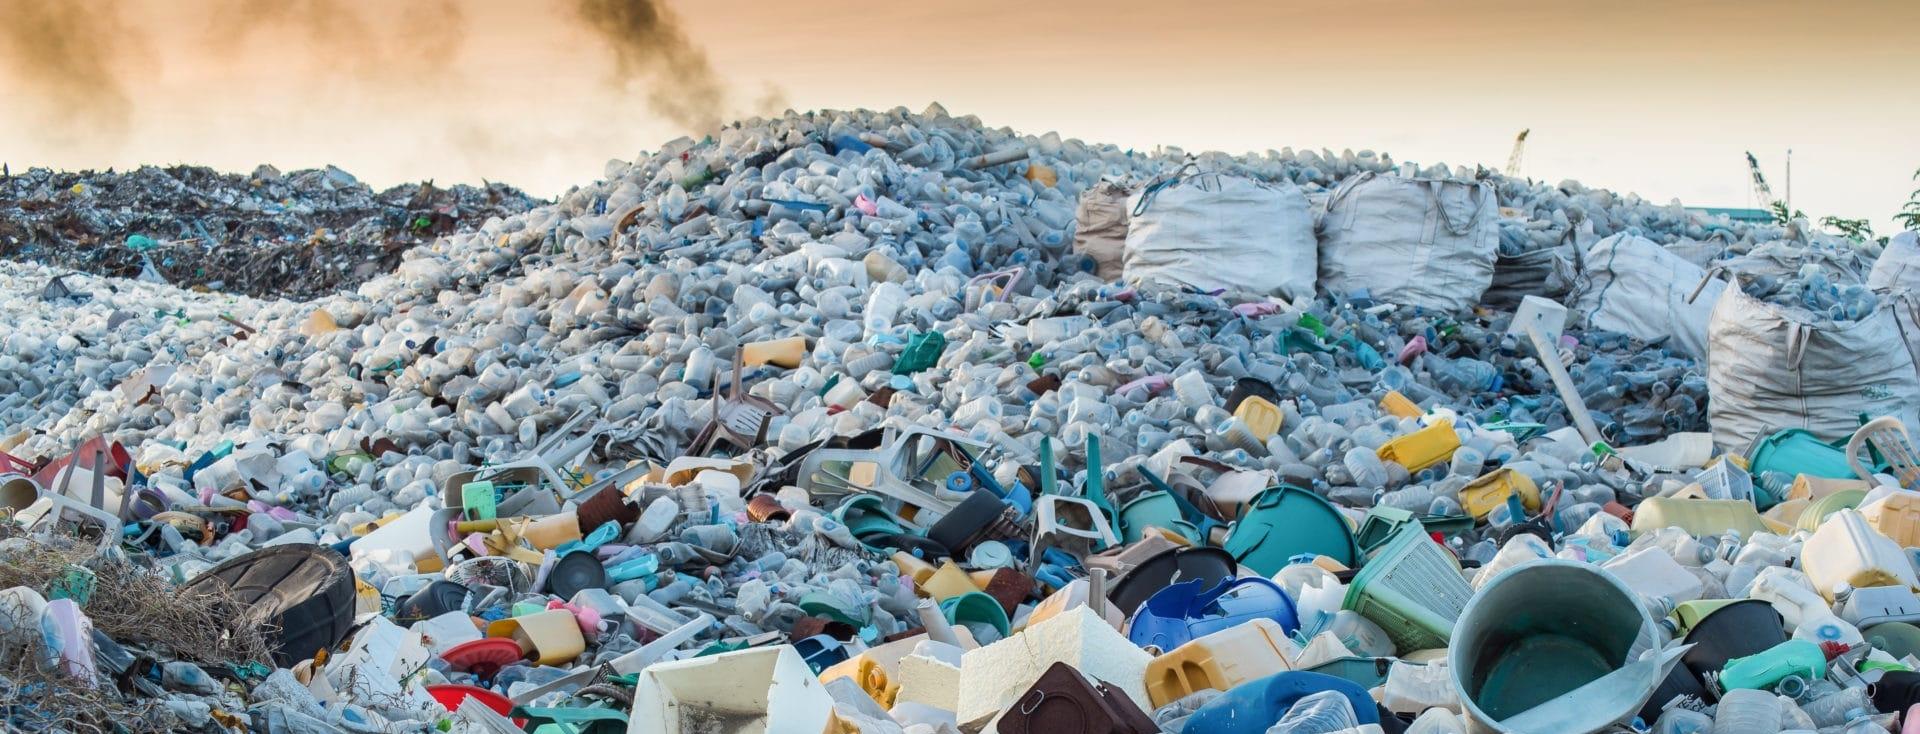 سجل إعادة تدوير زجاجة بلاستيكية لجنوب أفريقيا